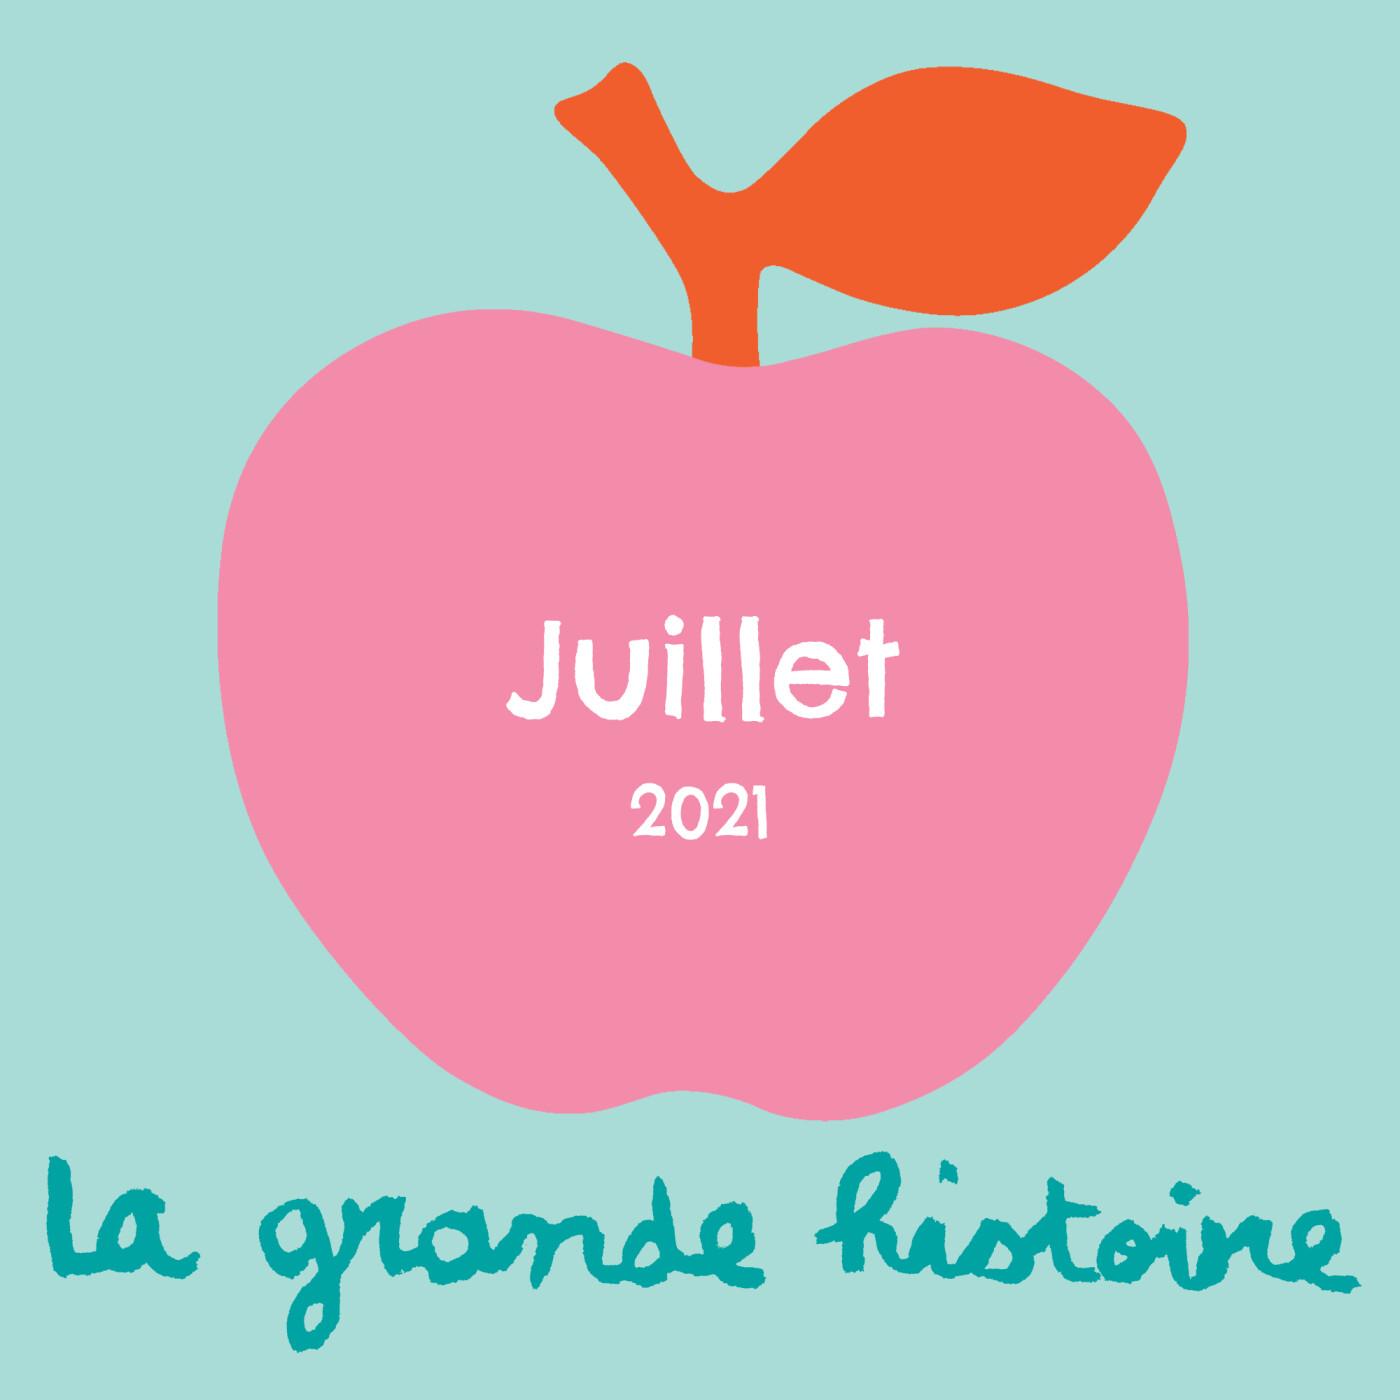 Juillet 2021 – Nicolette et le crabe